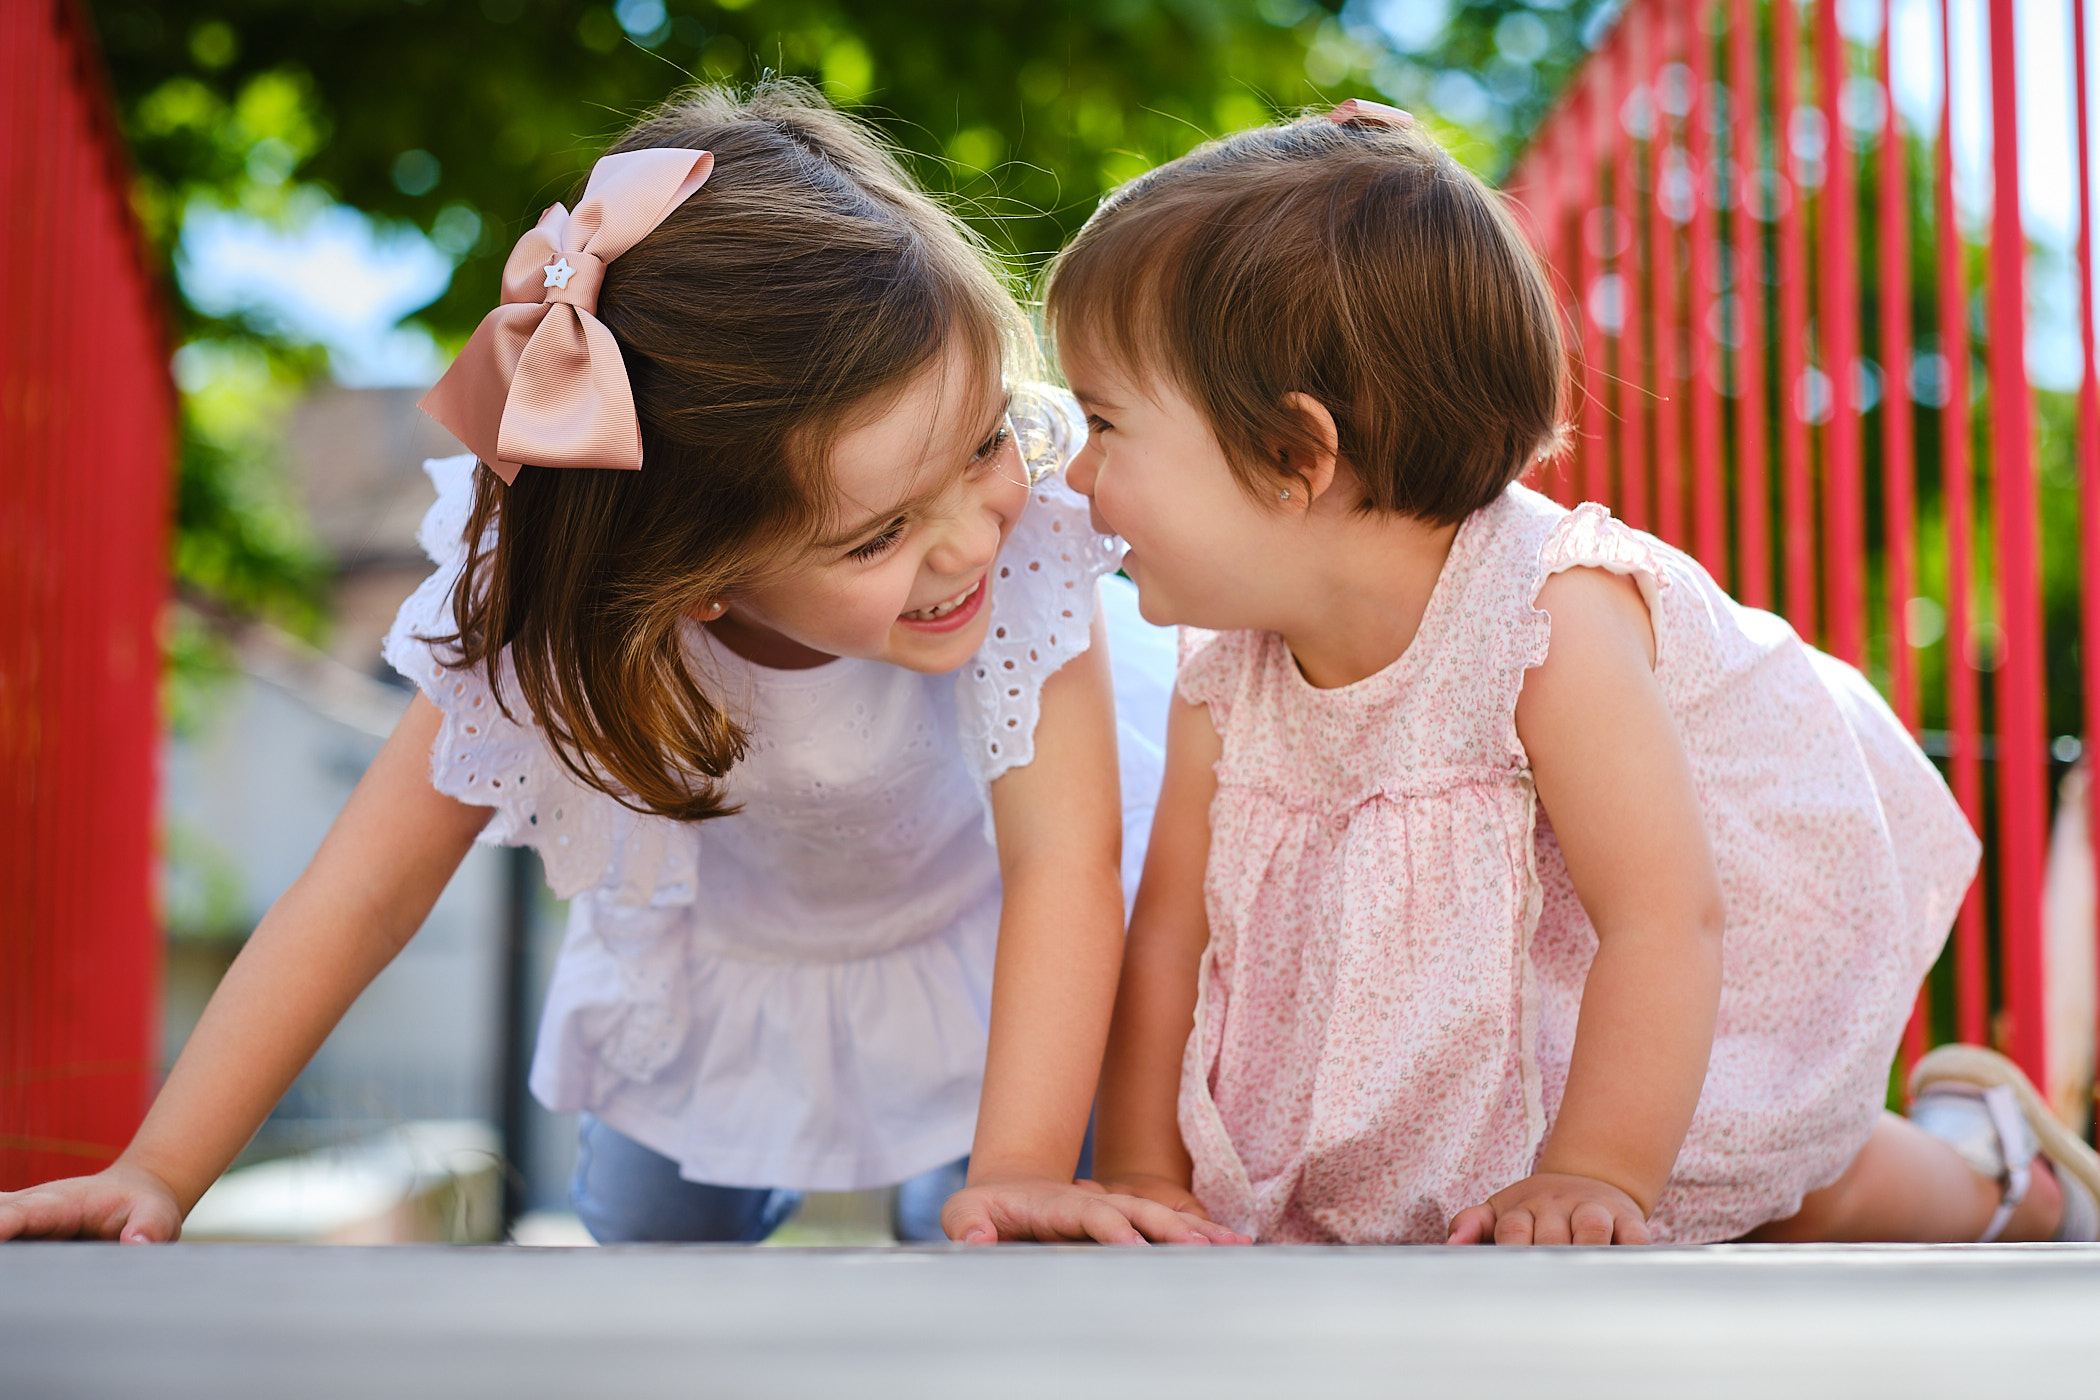 fotografia de hermanas jugando en el parque